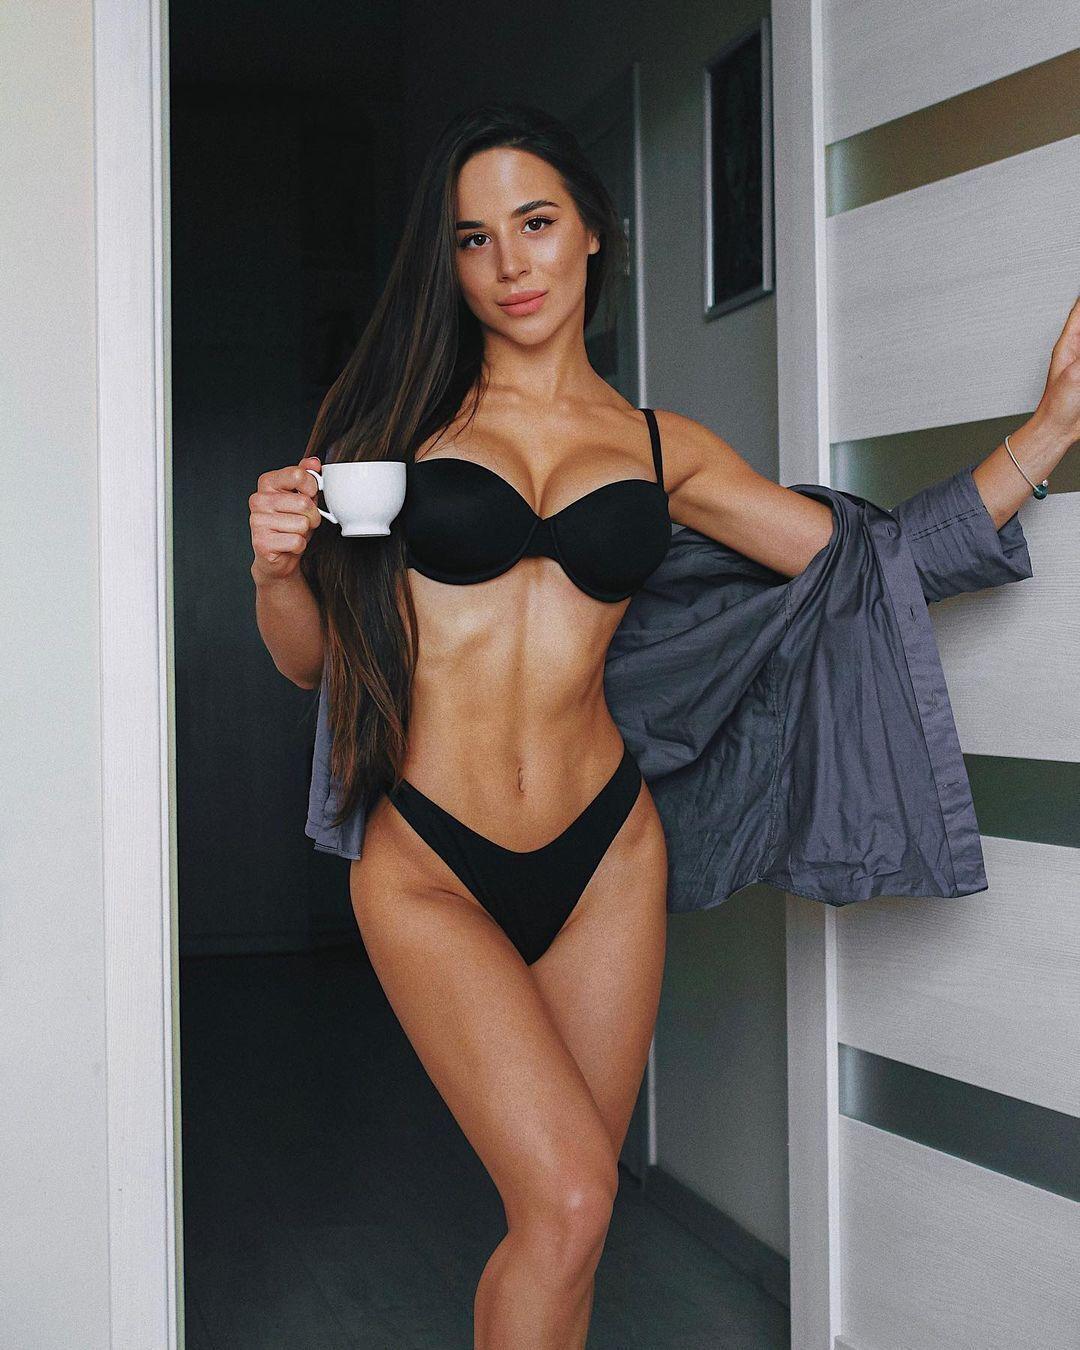 Олеся Шевчук с кофе